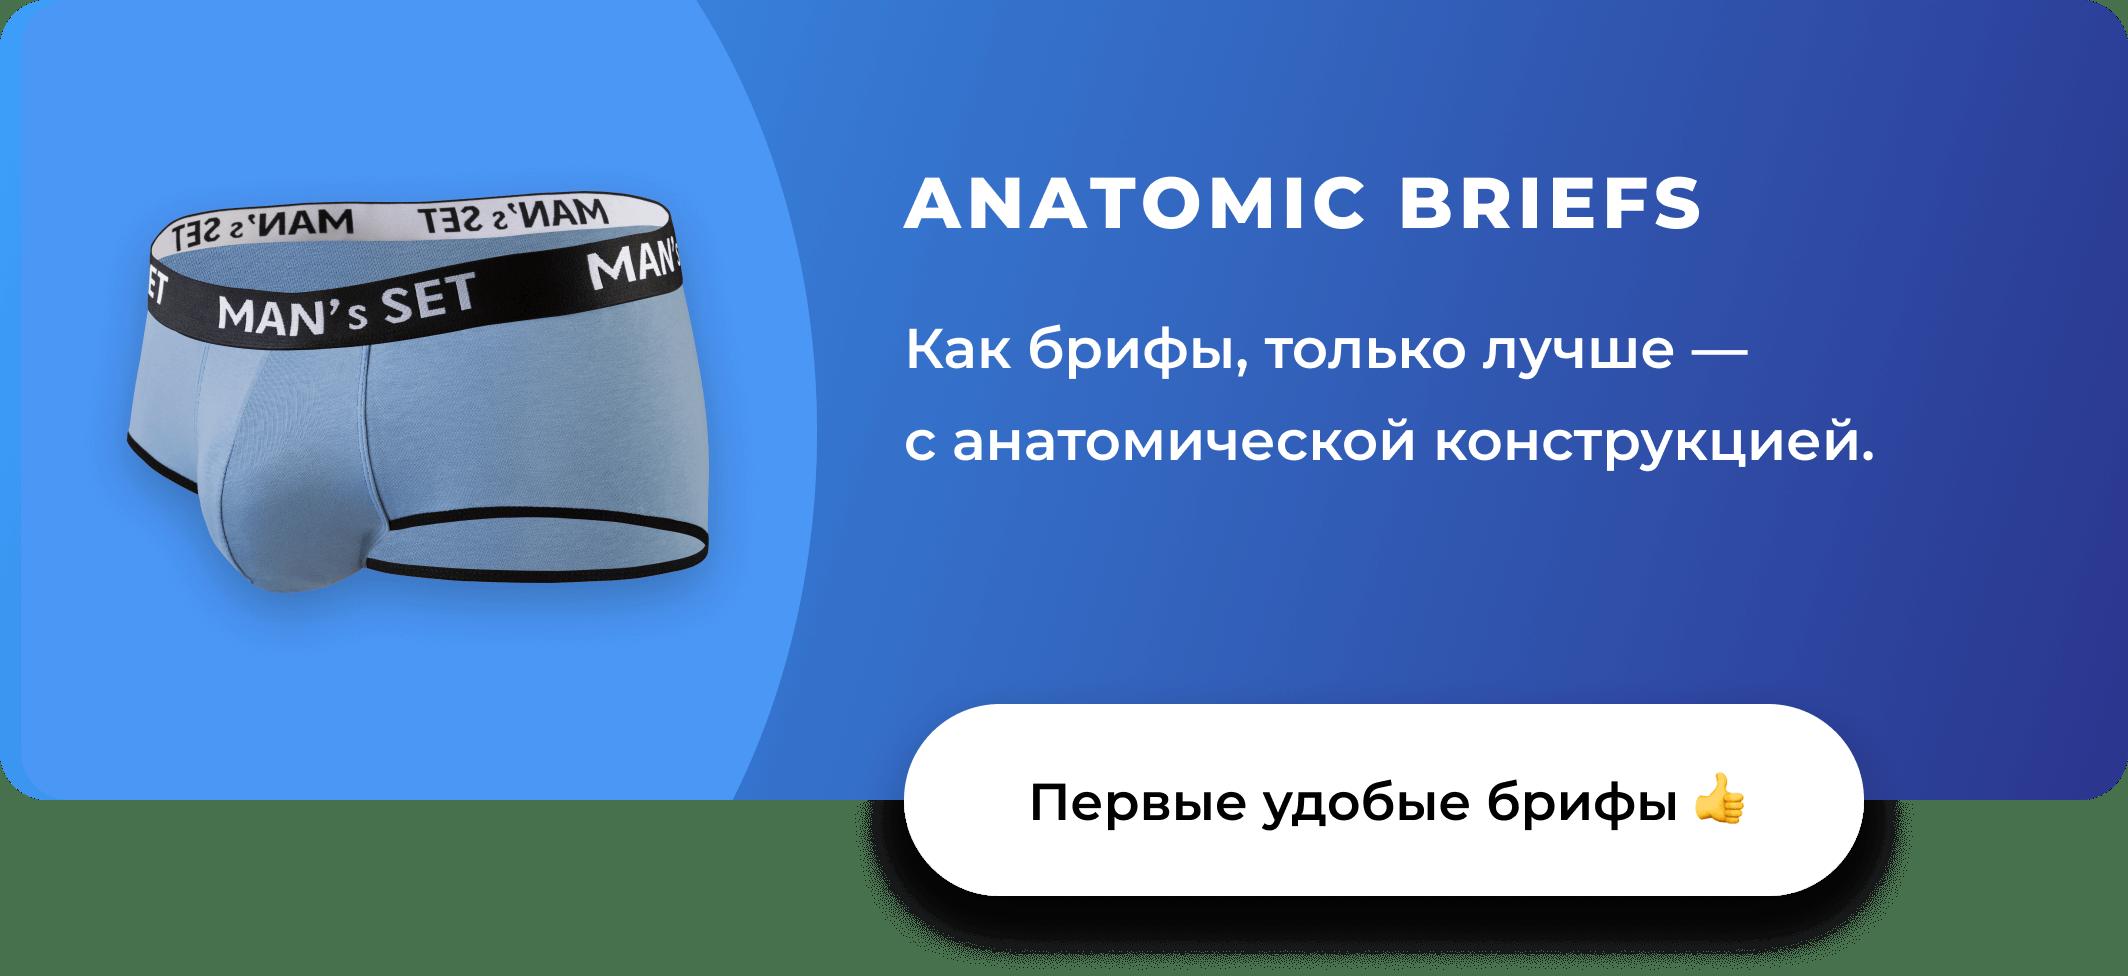 Анатомічні брифи